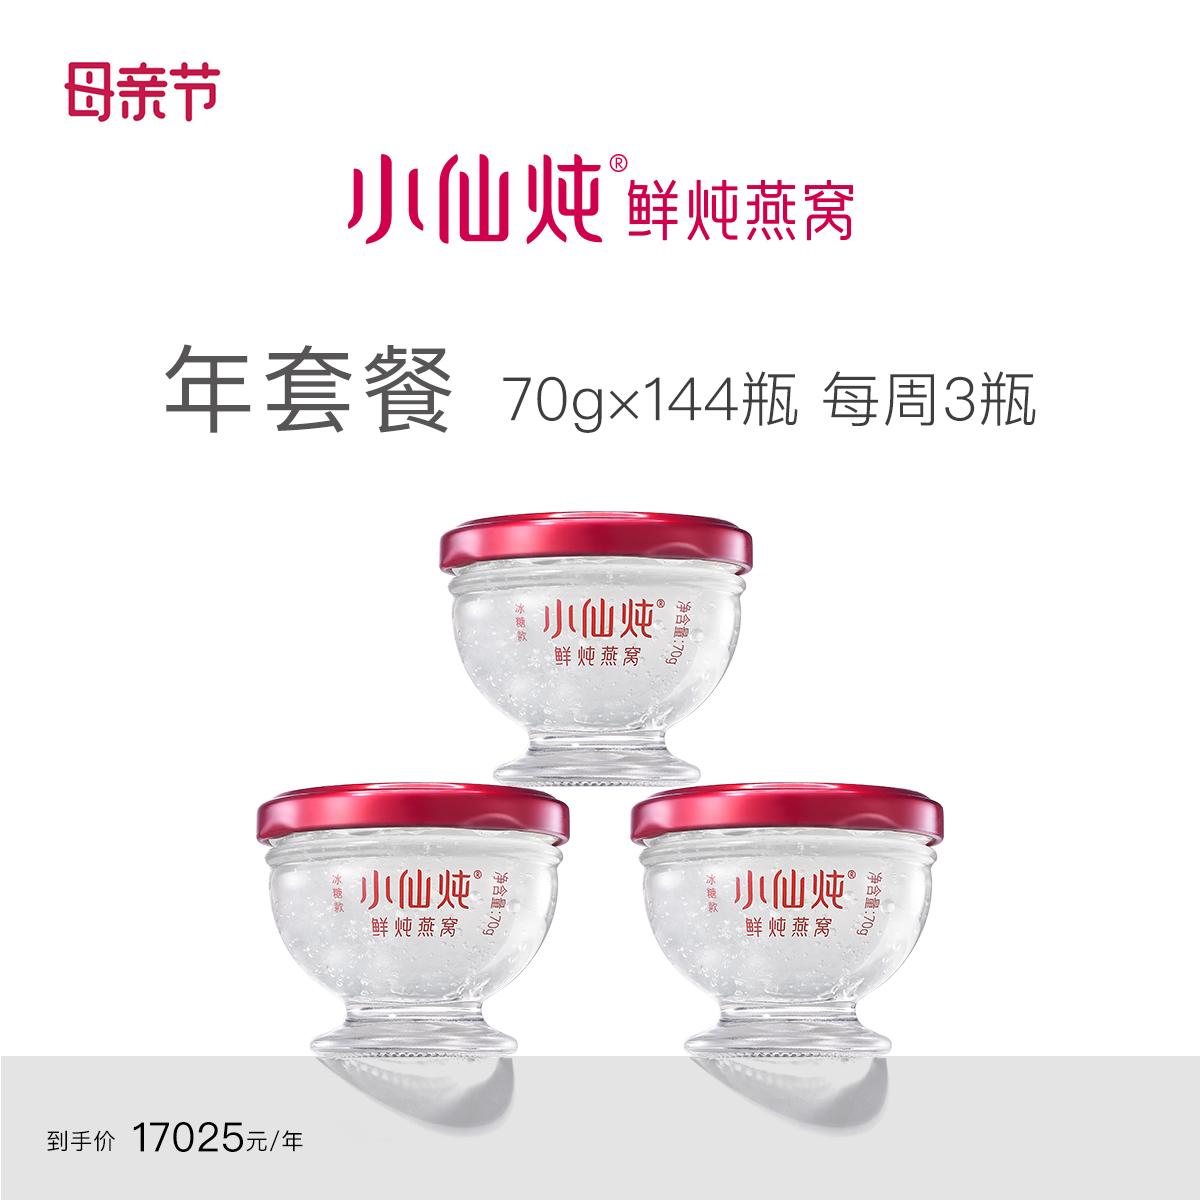 小仙炖鲜炖年套餐70g*144瓶燕窝